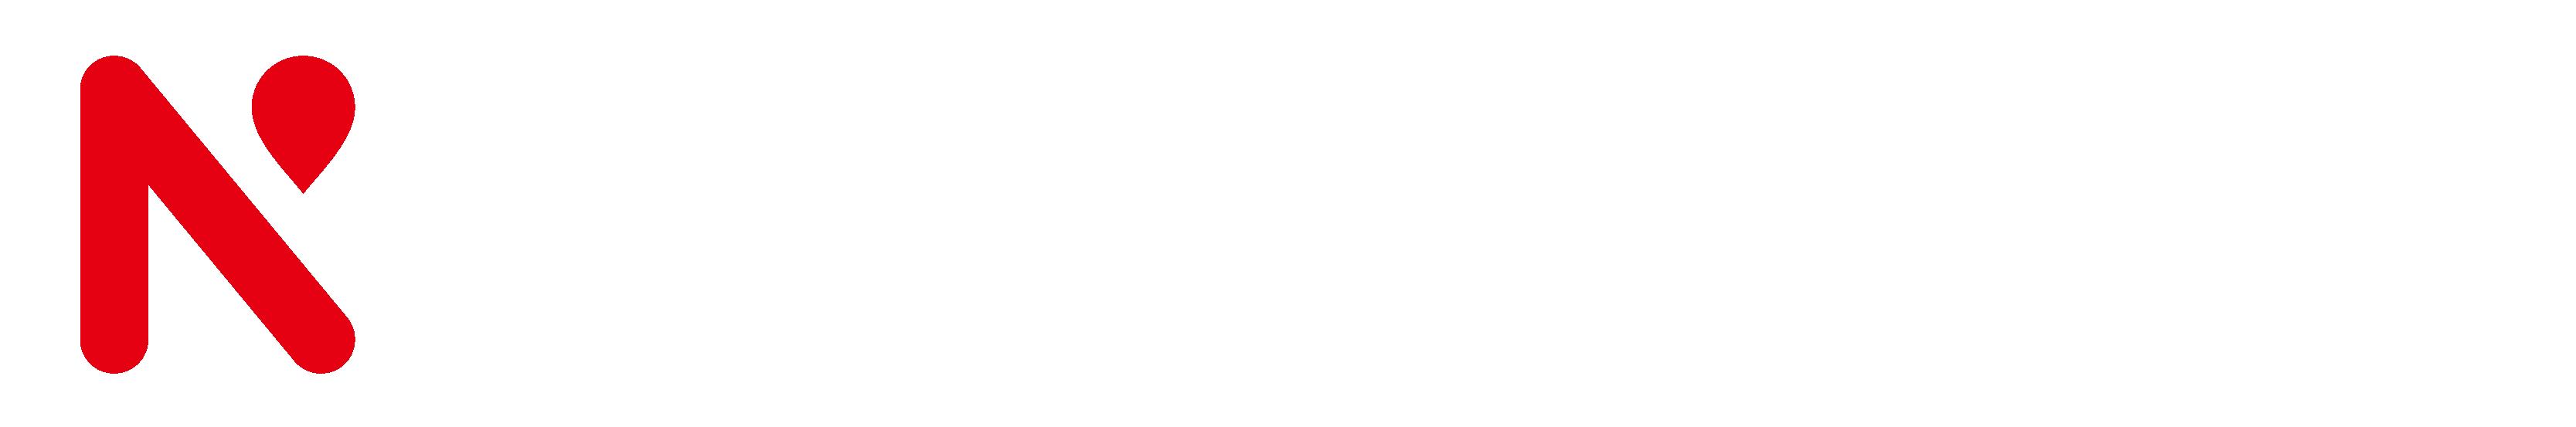 西安新概念品牌设计有限公司